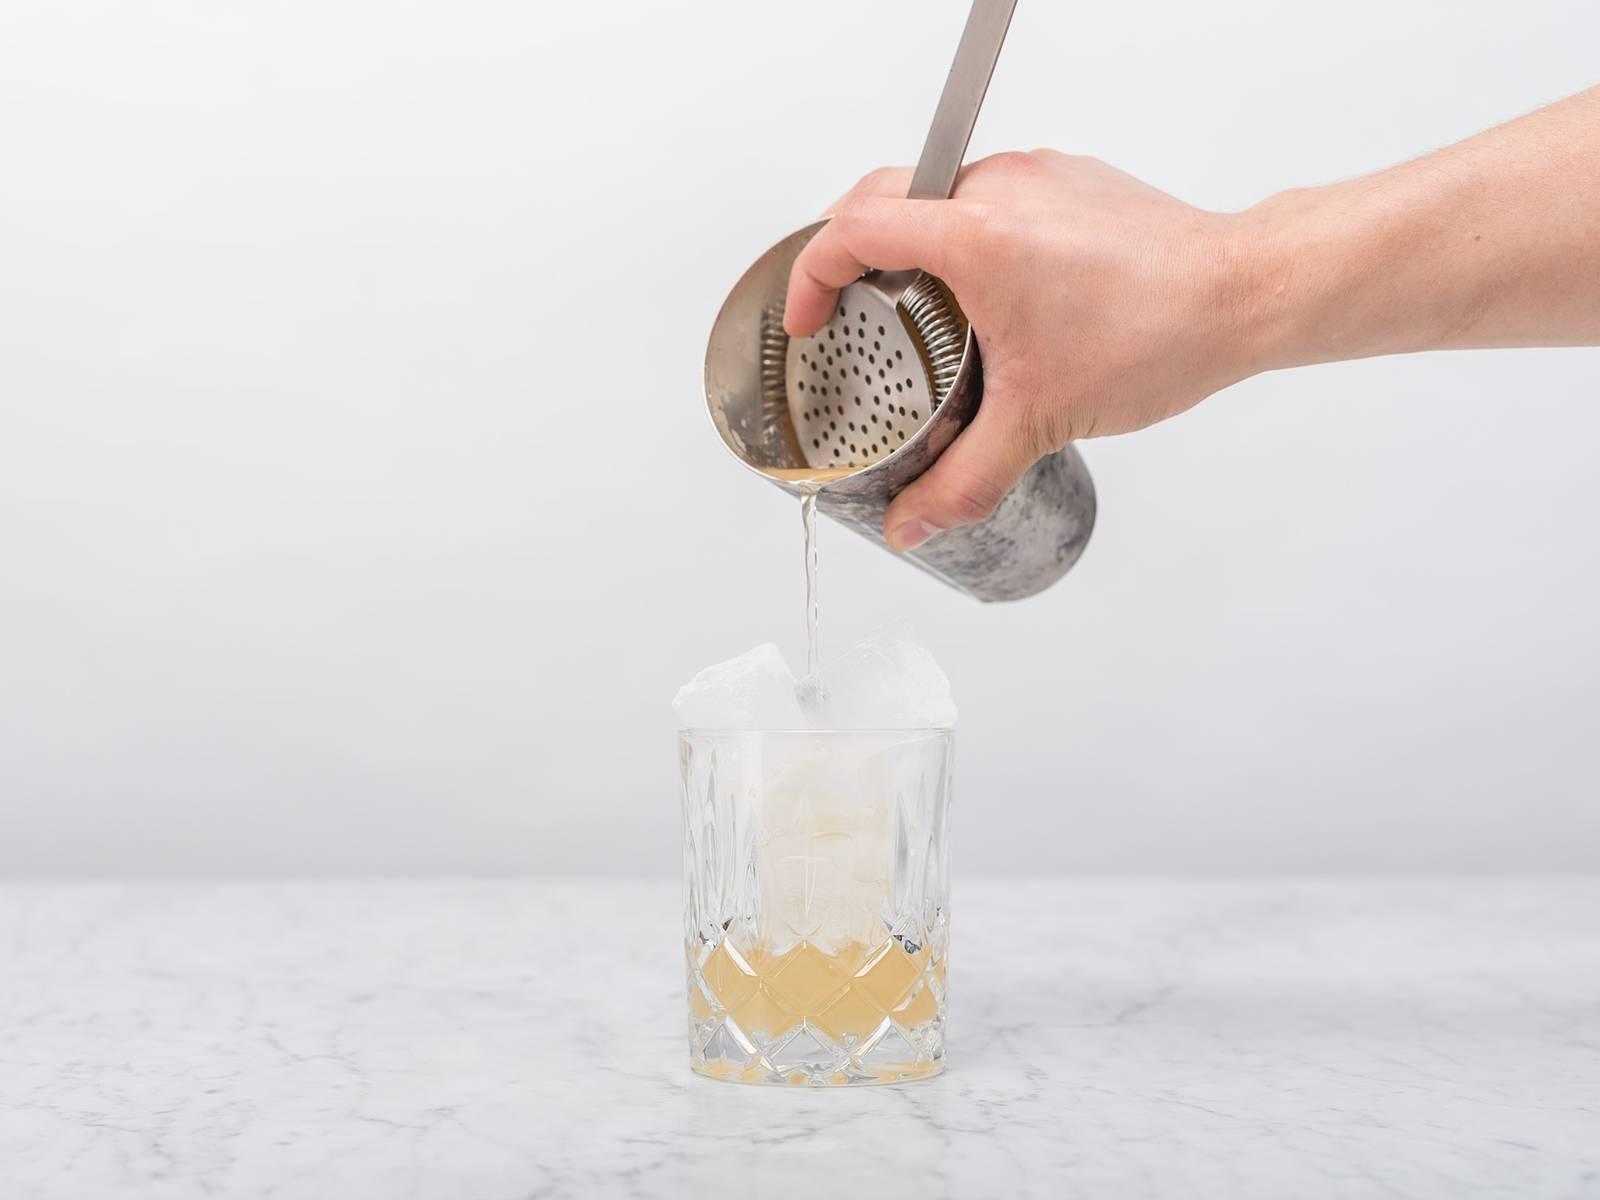 Den Cocktailshaker kräftig schütteln. Eiswürfel in ein Trinkglas füllen und den Cocktail aus dem Shaker ins Glas seihen.